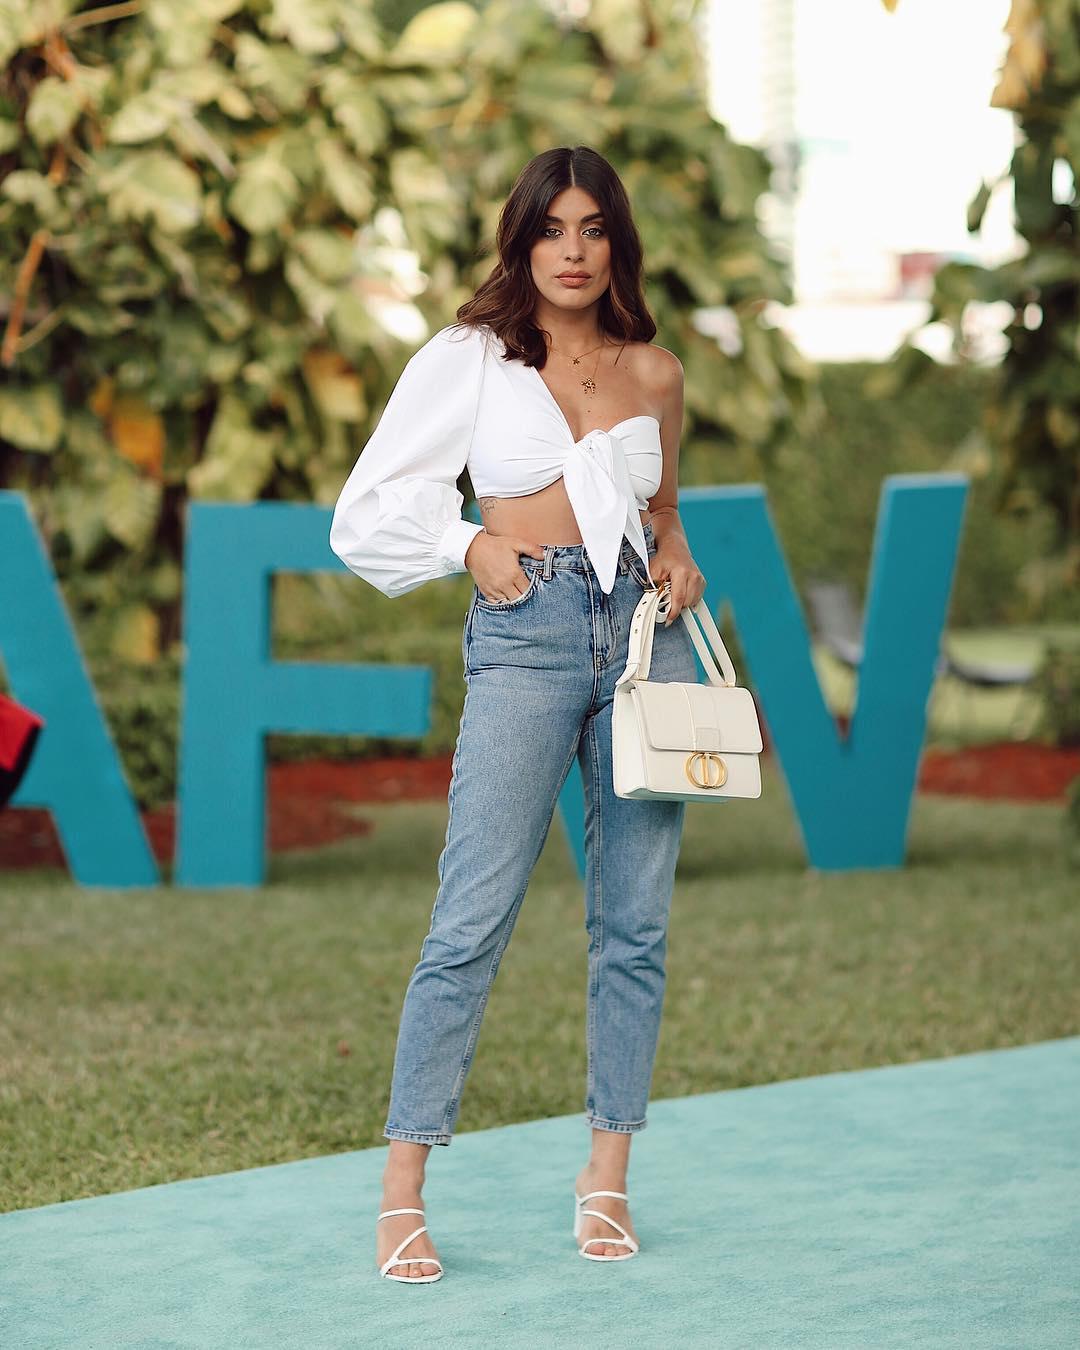 dulceida look de moda 2019